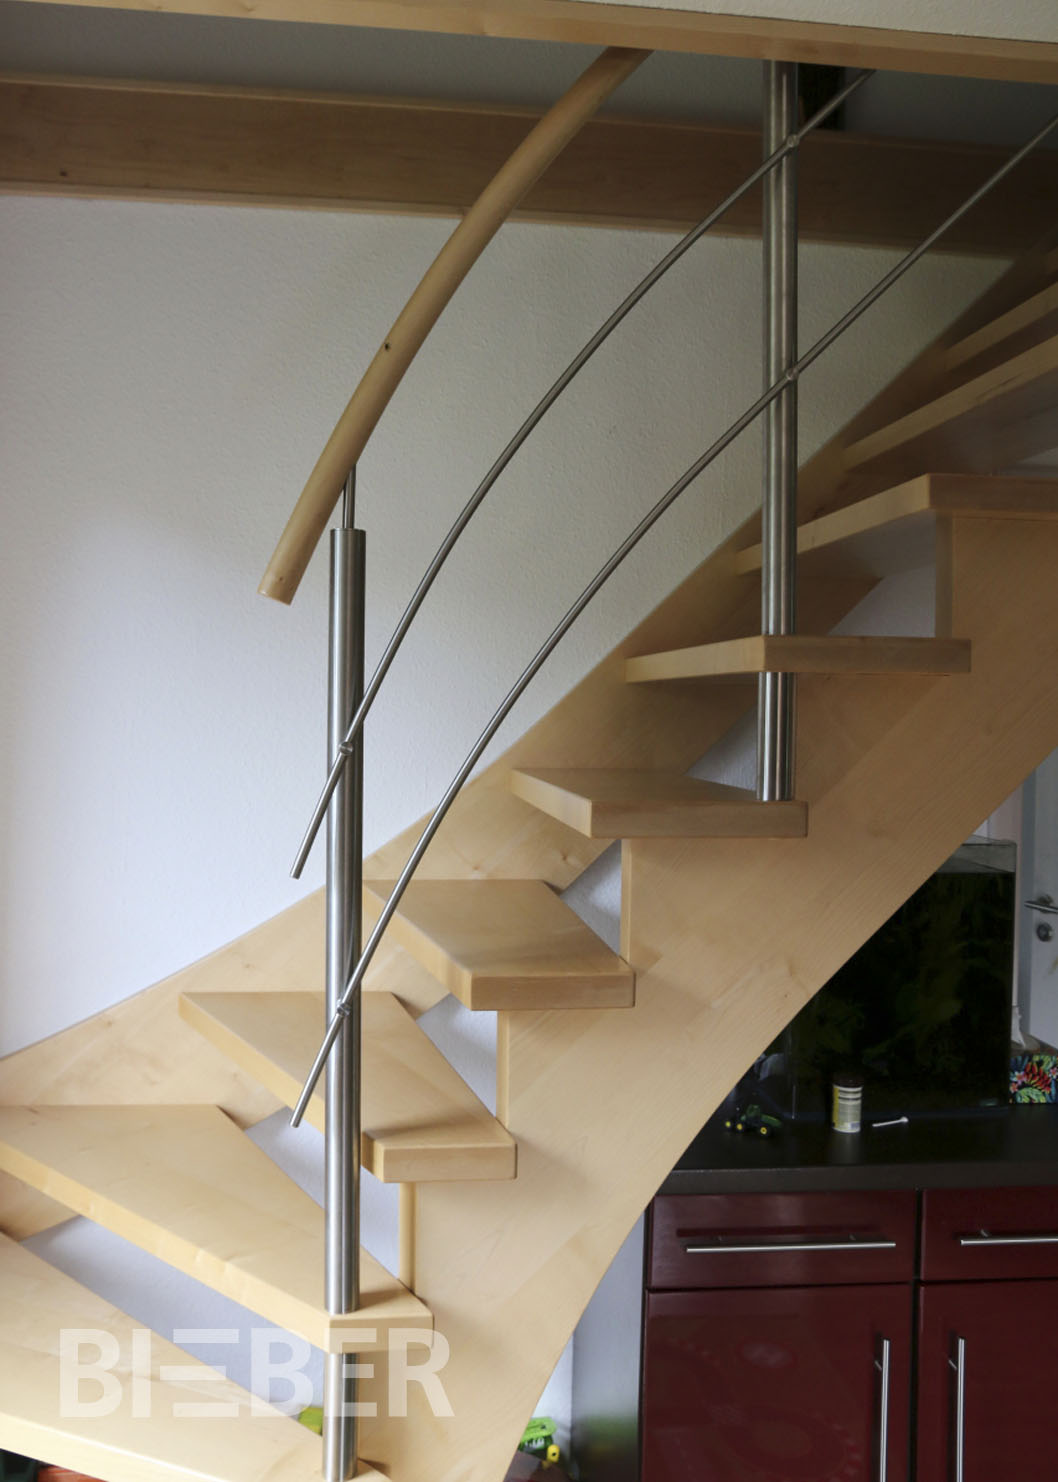 Viertel gewendelte offene Treppe in Massivholz Ahorn, Lichtseite aufgesattelt, mit Wandwange, Geländerpfosten Edelstahl, waagerechte Füllstäbe Edelstahl